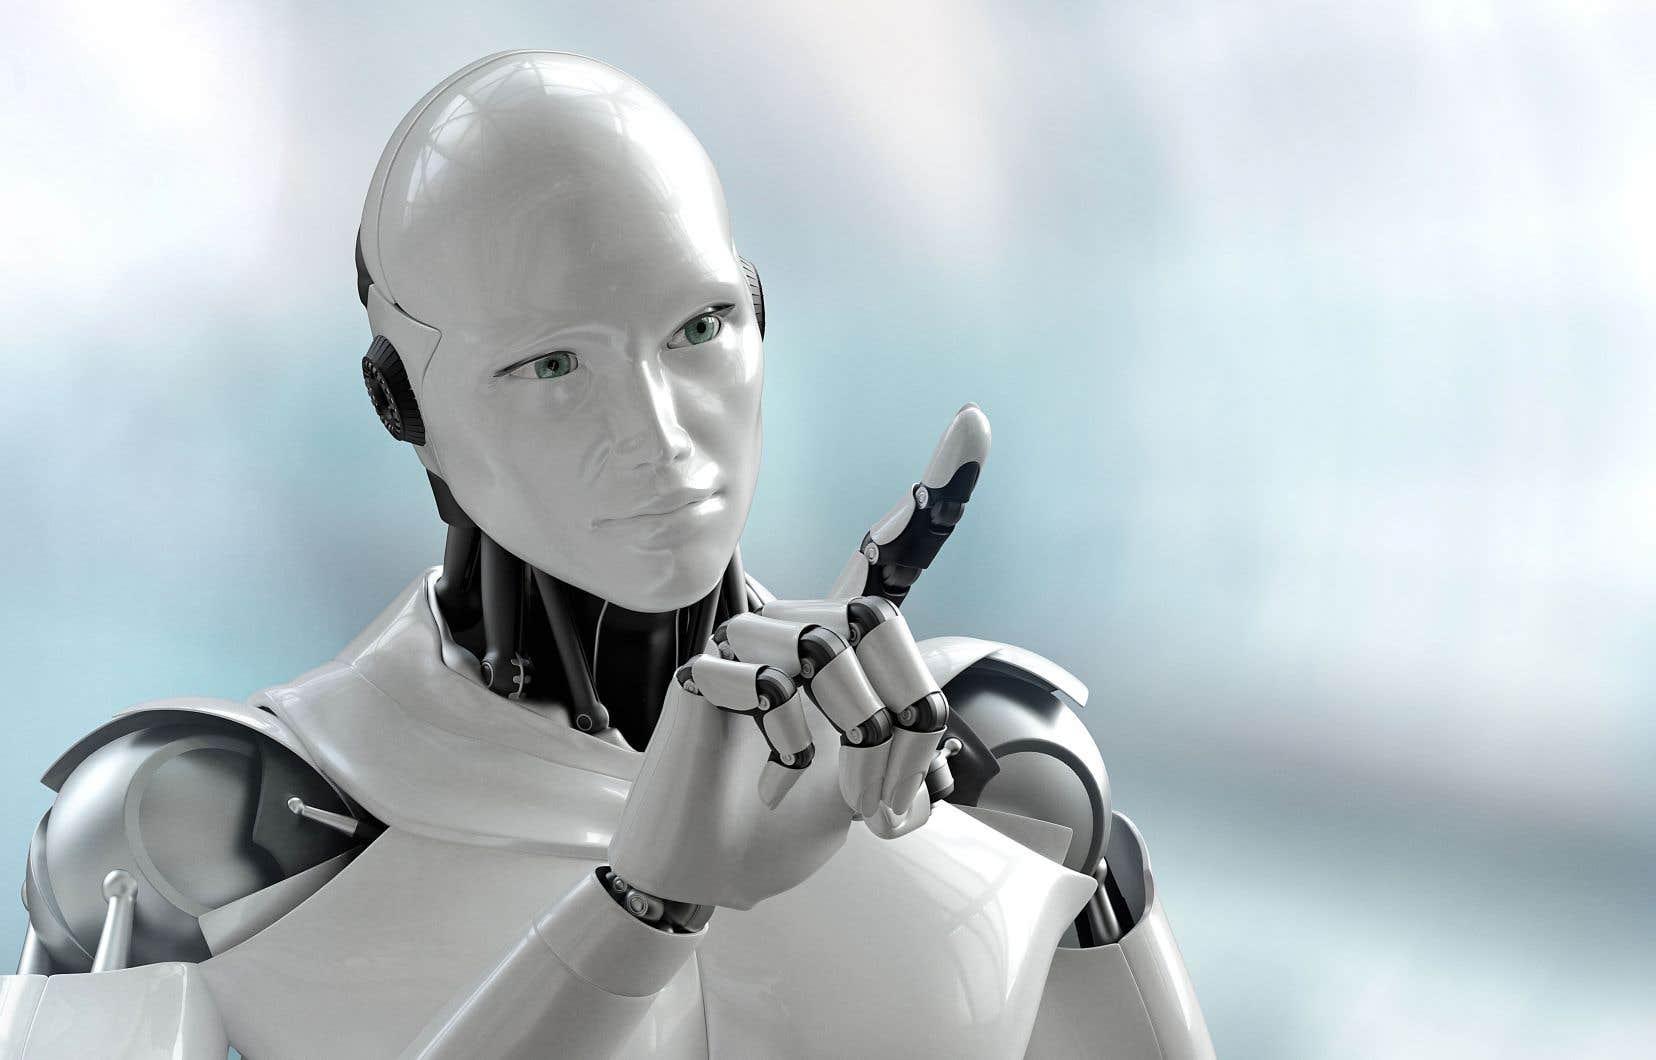 Le secteur de l'intelligence artificielle québécois concentrera ses forces vives, tant en recherche fondamentale qu'en expérimentation technologique et commerciale, et en financement et développement d'entreprises.